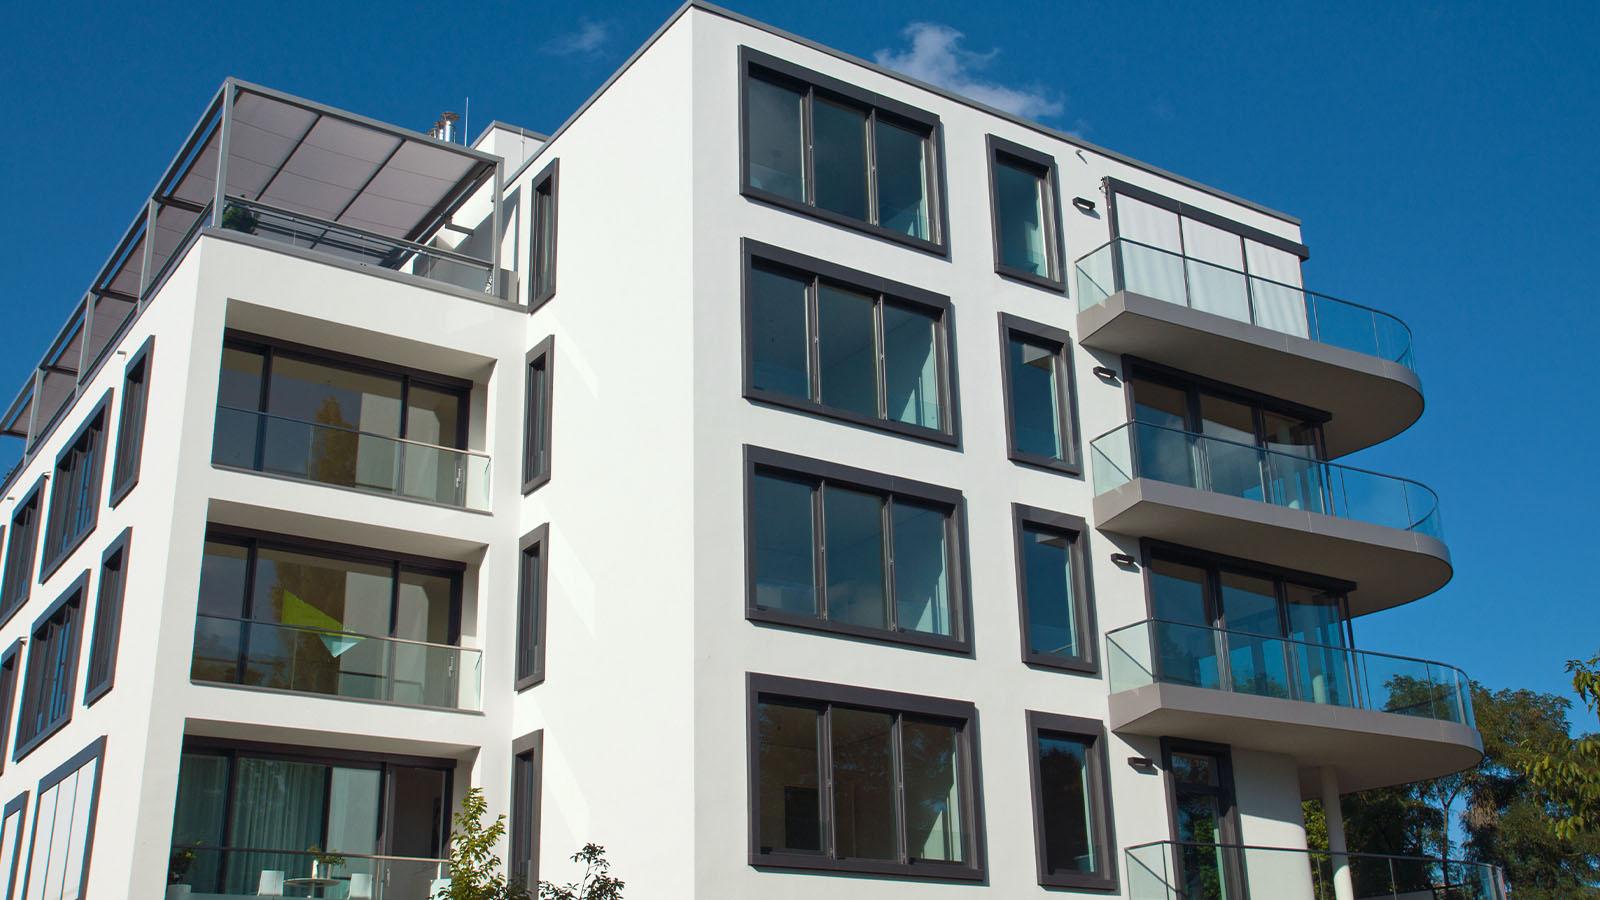 Modernes Gebäude mit Glaselementen